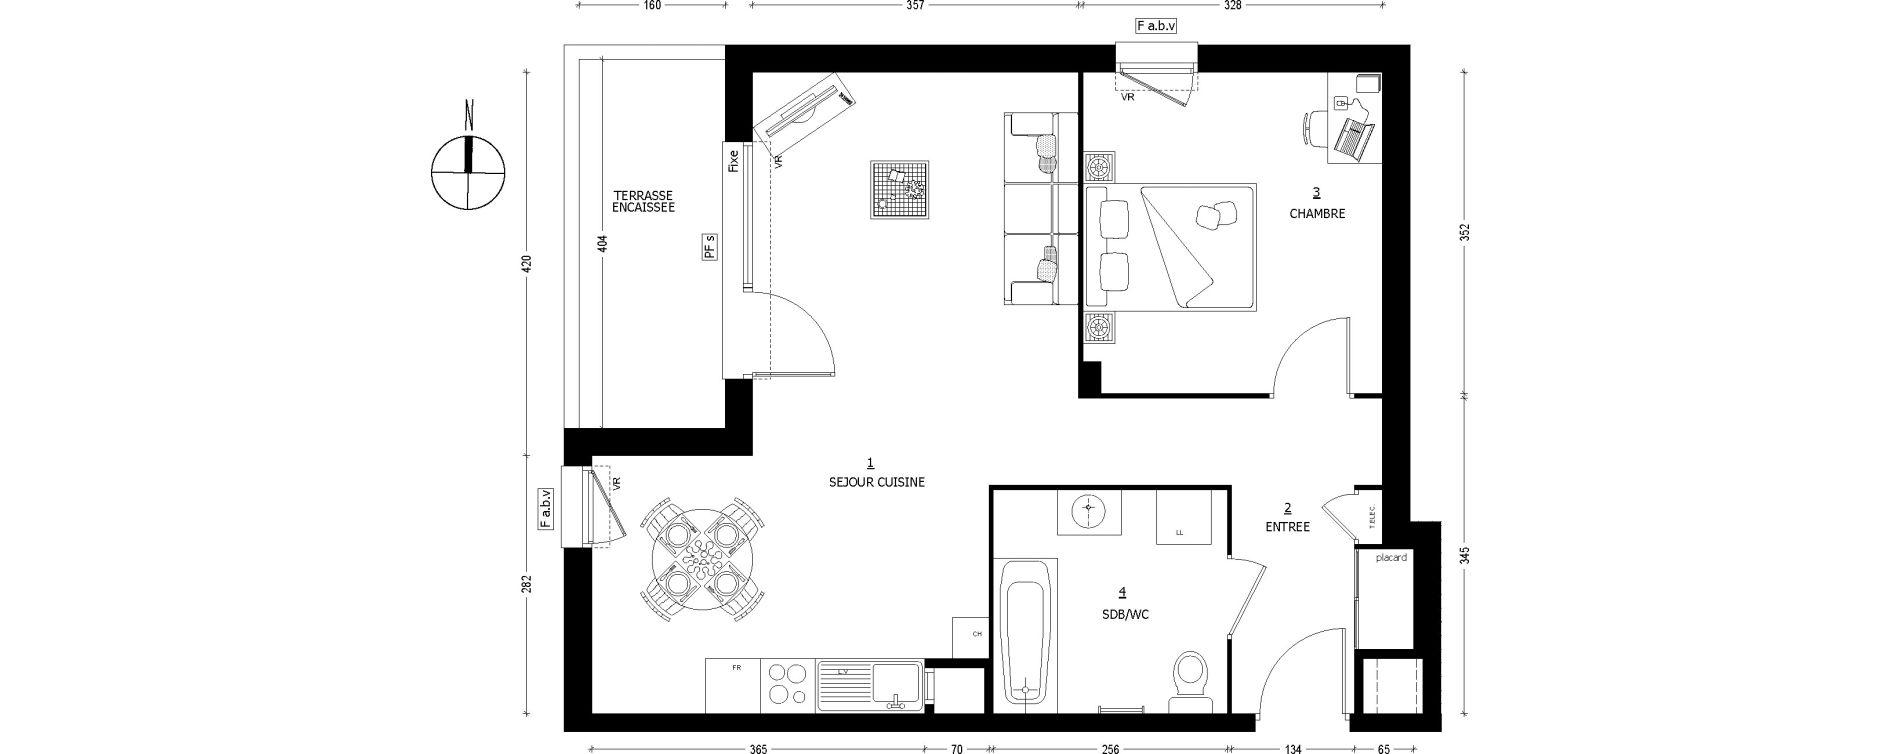 Appartement T2 de 52,15 m2 à Saint-Baldoph Centre